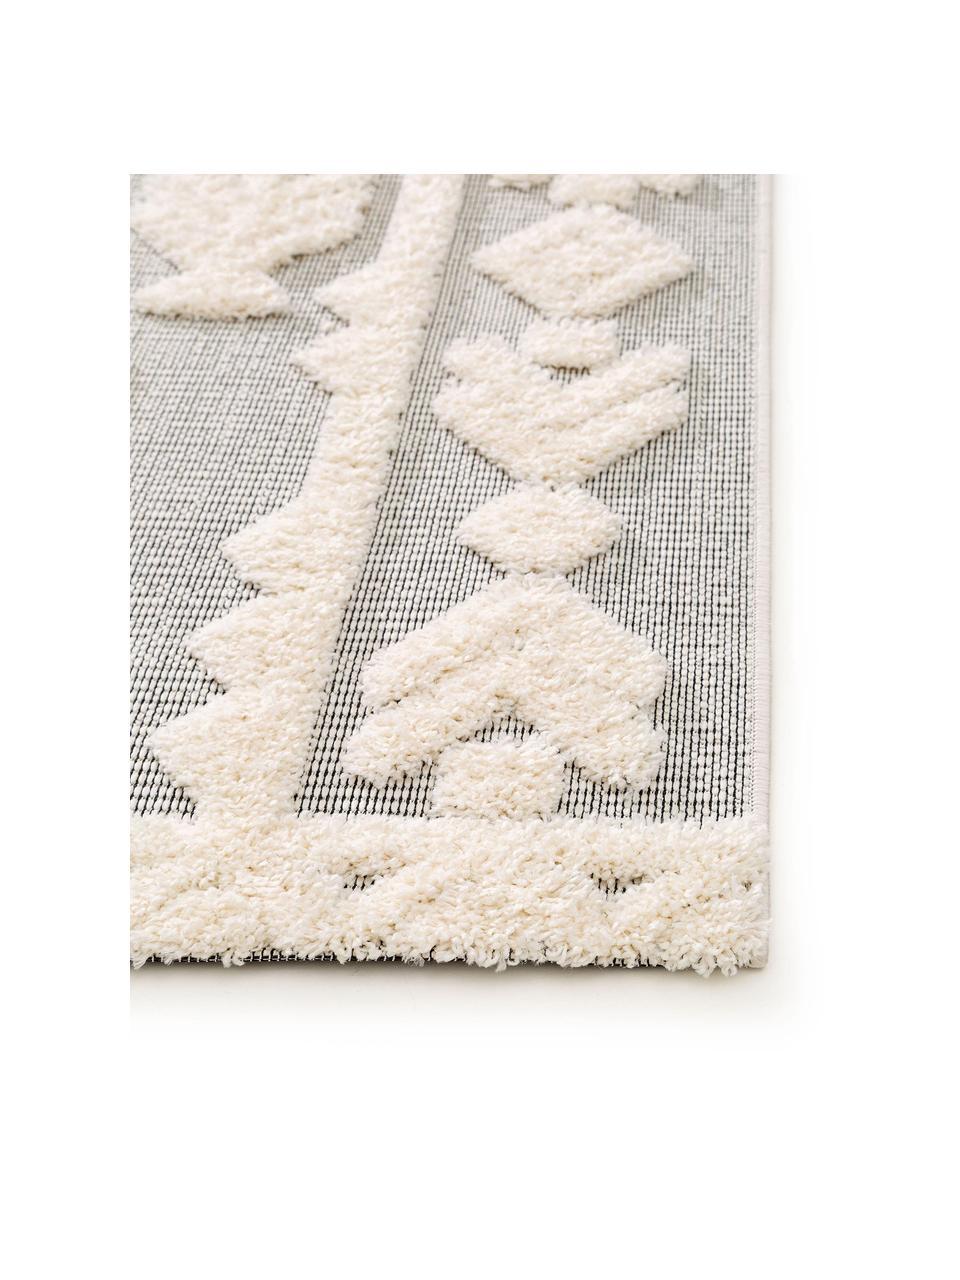 Tappeto etnico da interno-esterno con motivo a rilievo Carlo, 100% polietilene, Grigio, crema, Larg. 80 x Lung. 150 cm (taglia XS)